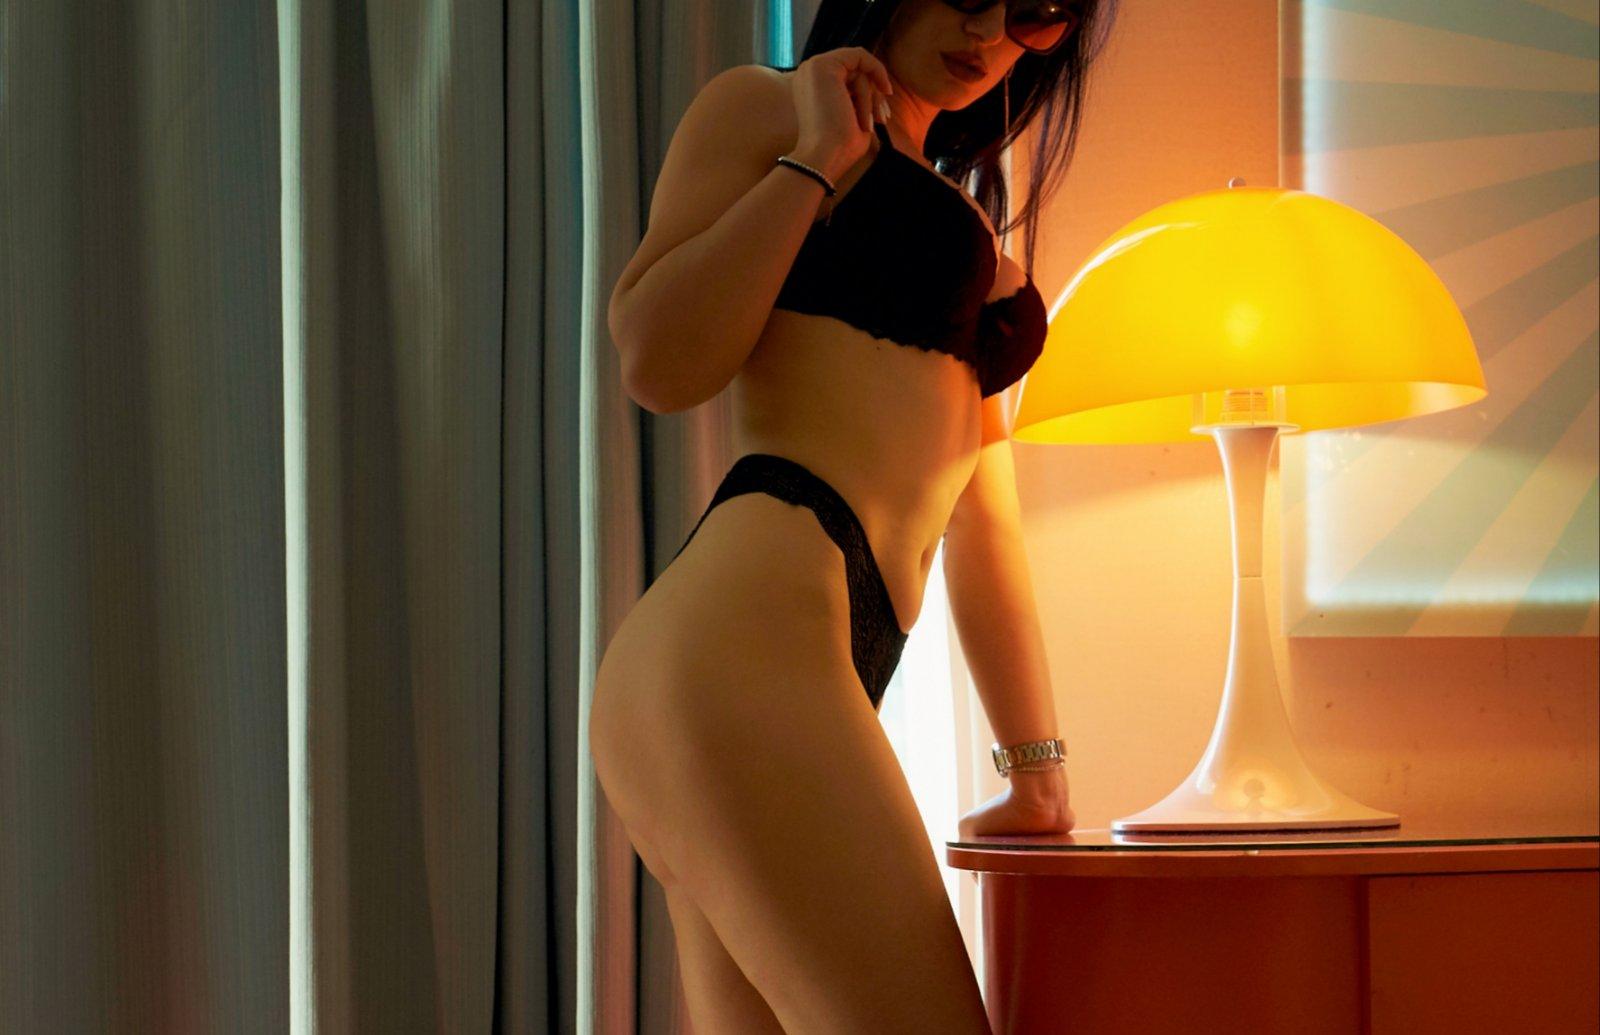 παιχνιδιάρικο κορίτσι με ωραίο φυσικό στήθος!